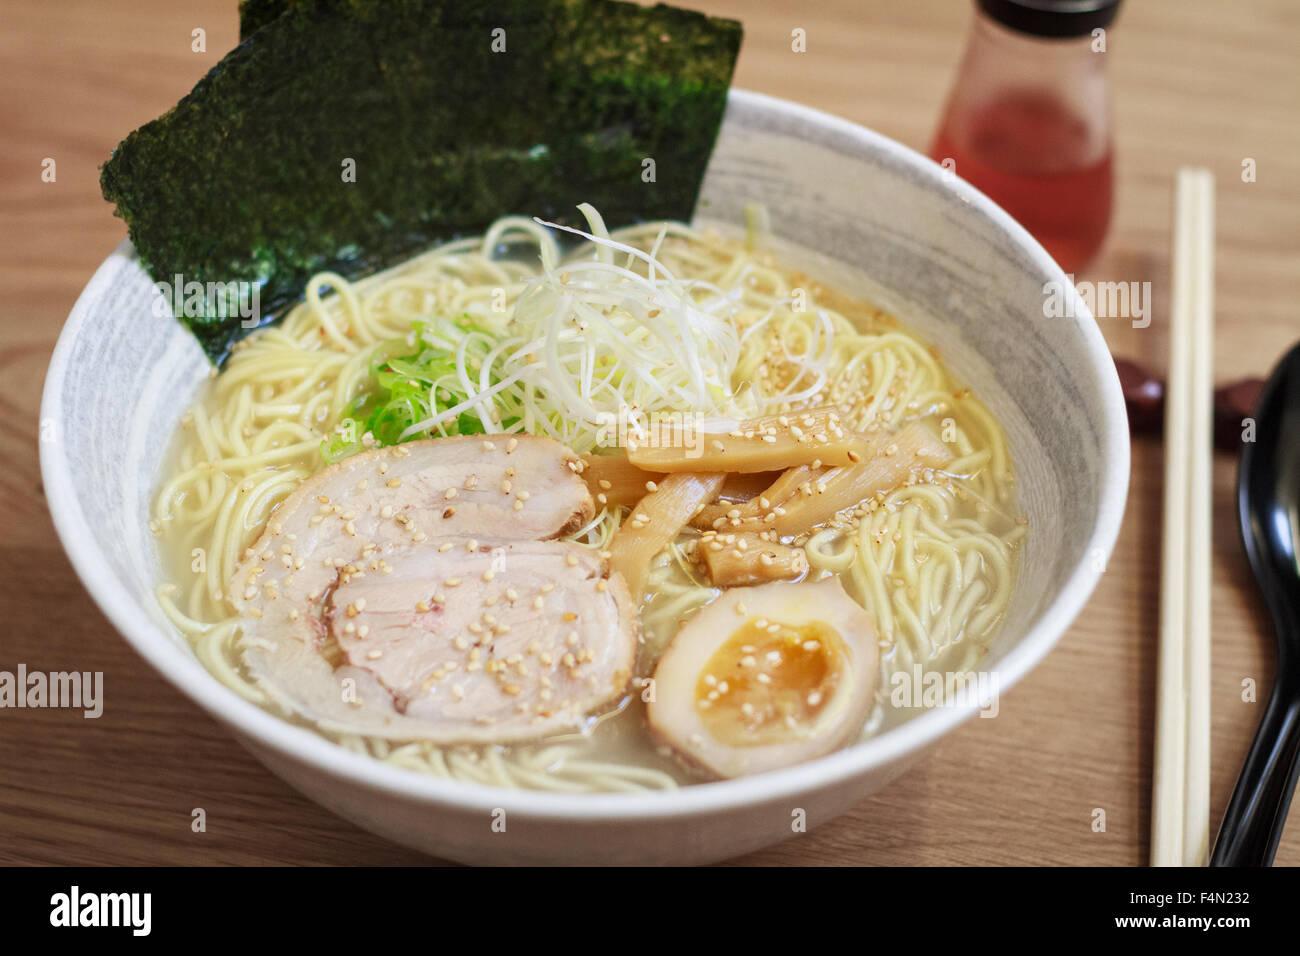 Japanese  Ramen noodles- Shio based - Stock Image